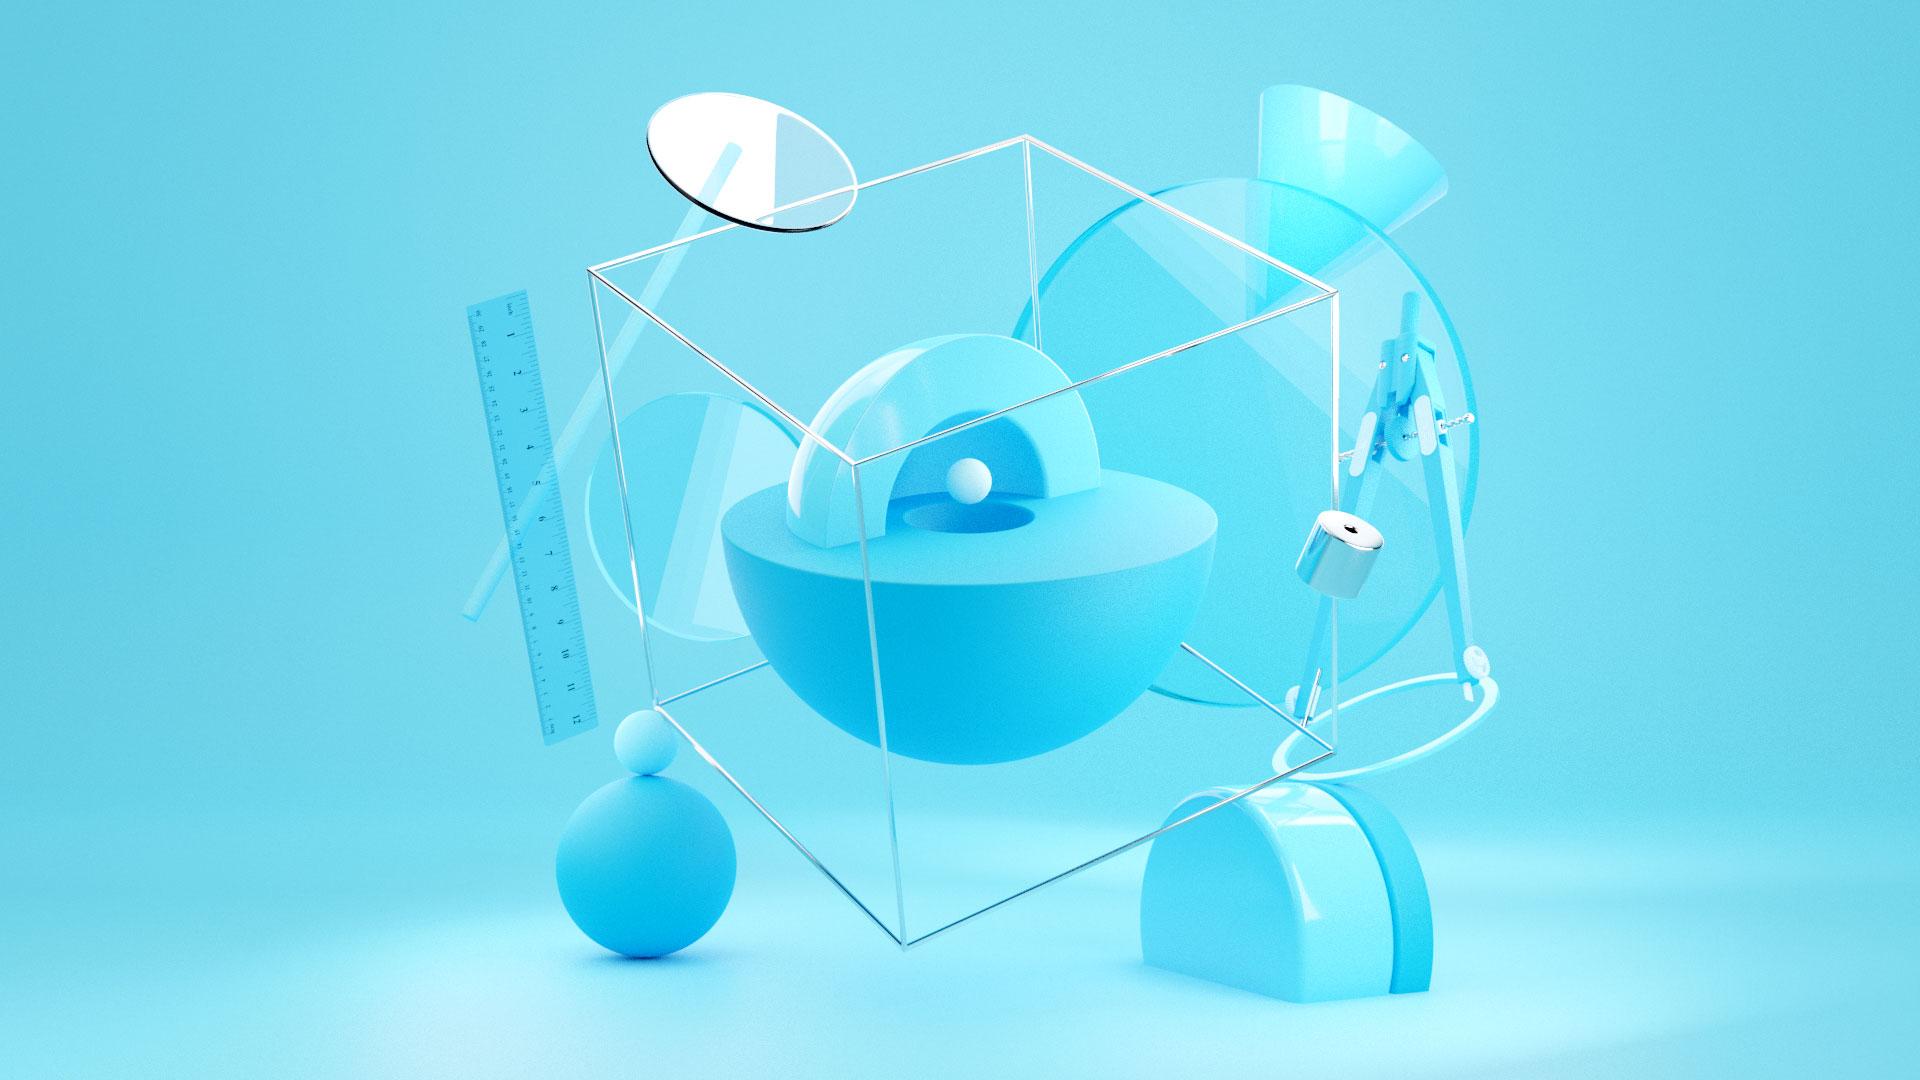 design ingegnerizzazione prodotto 3D